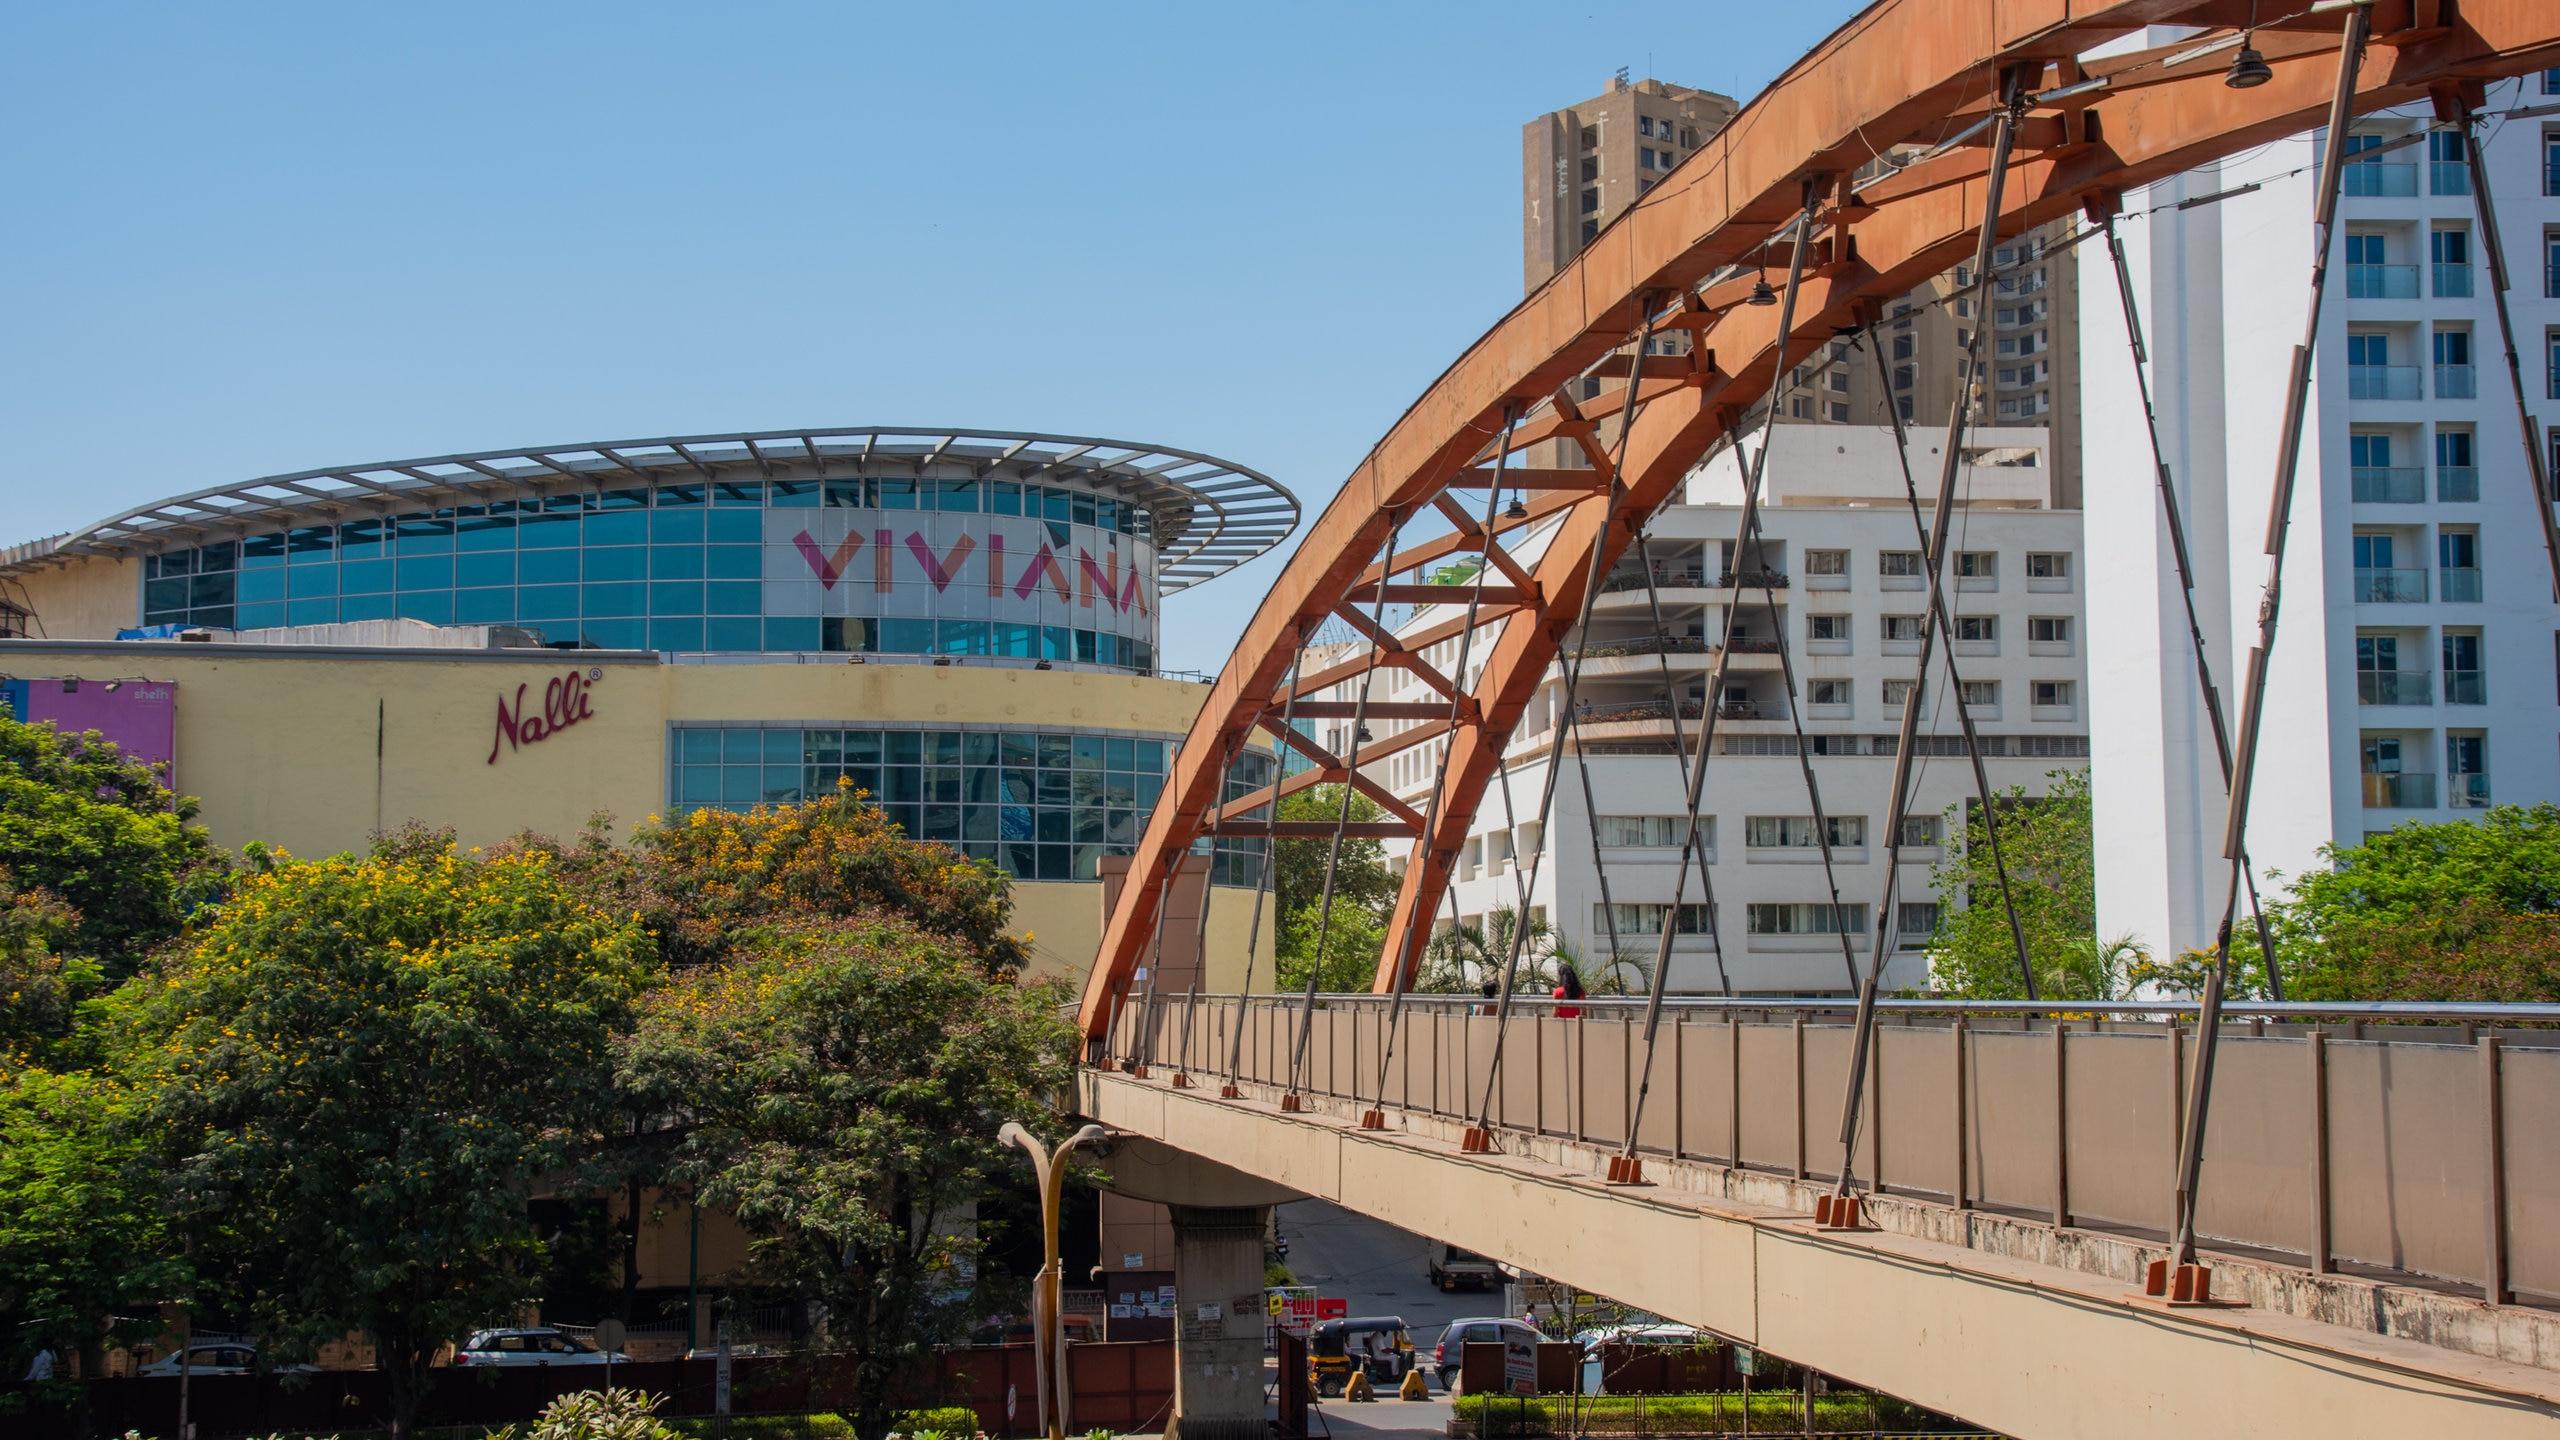 Viviana Mall, Thane, Maharashtra, India